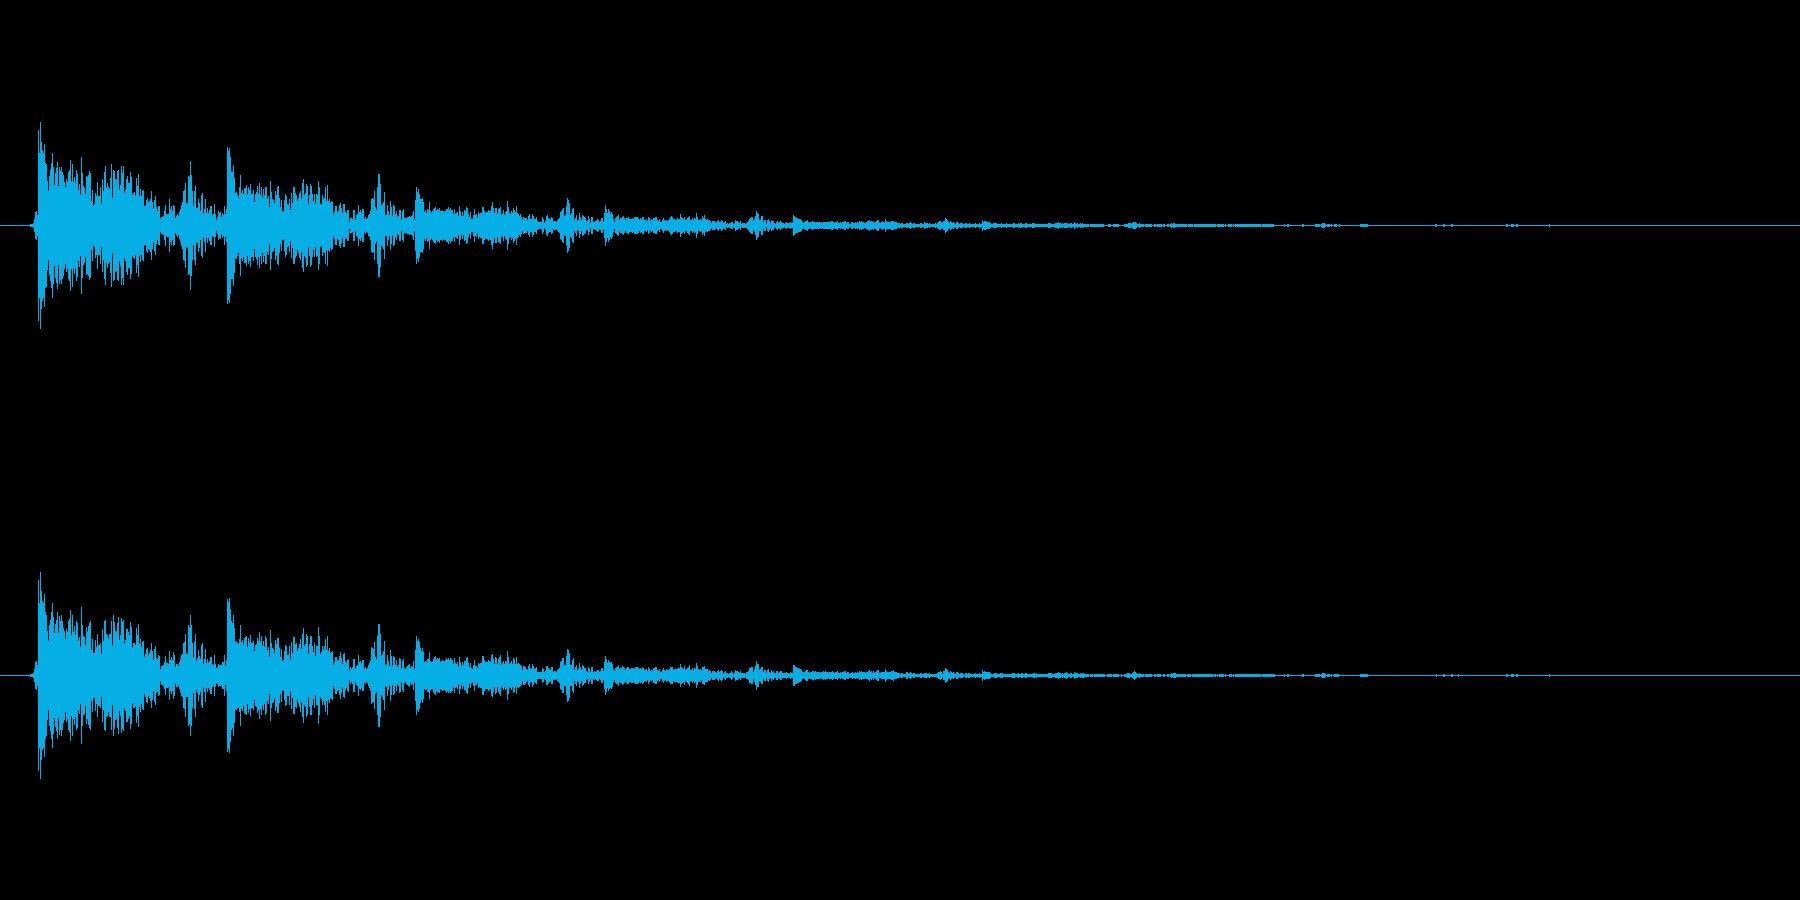 【食べる01-3】の再生済みの波形